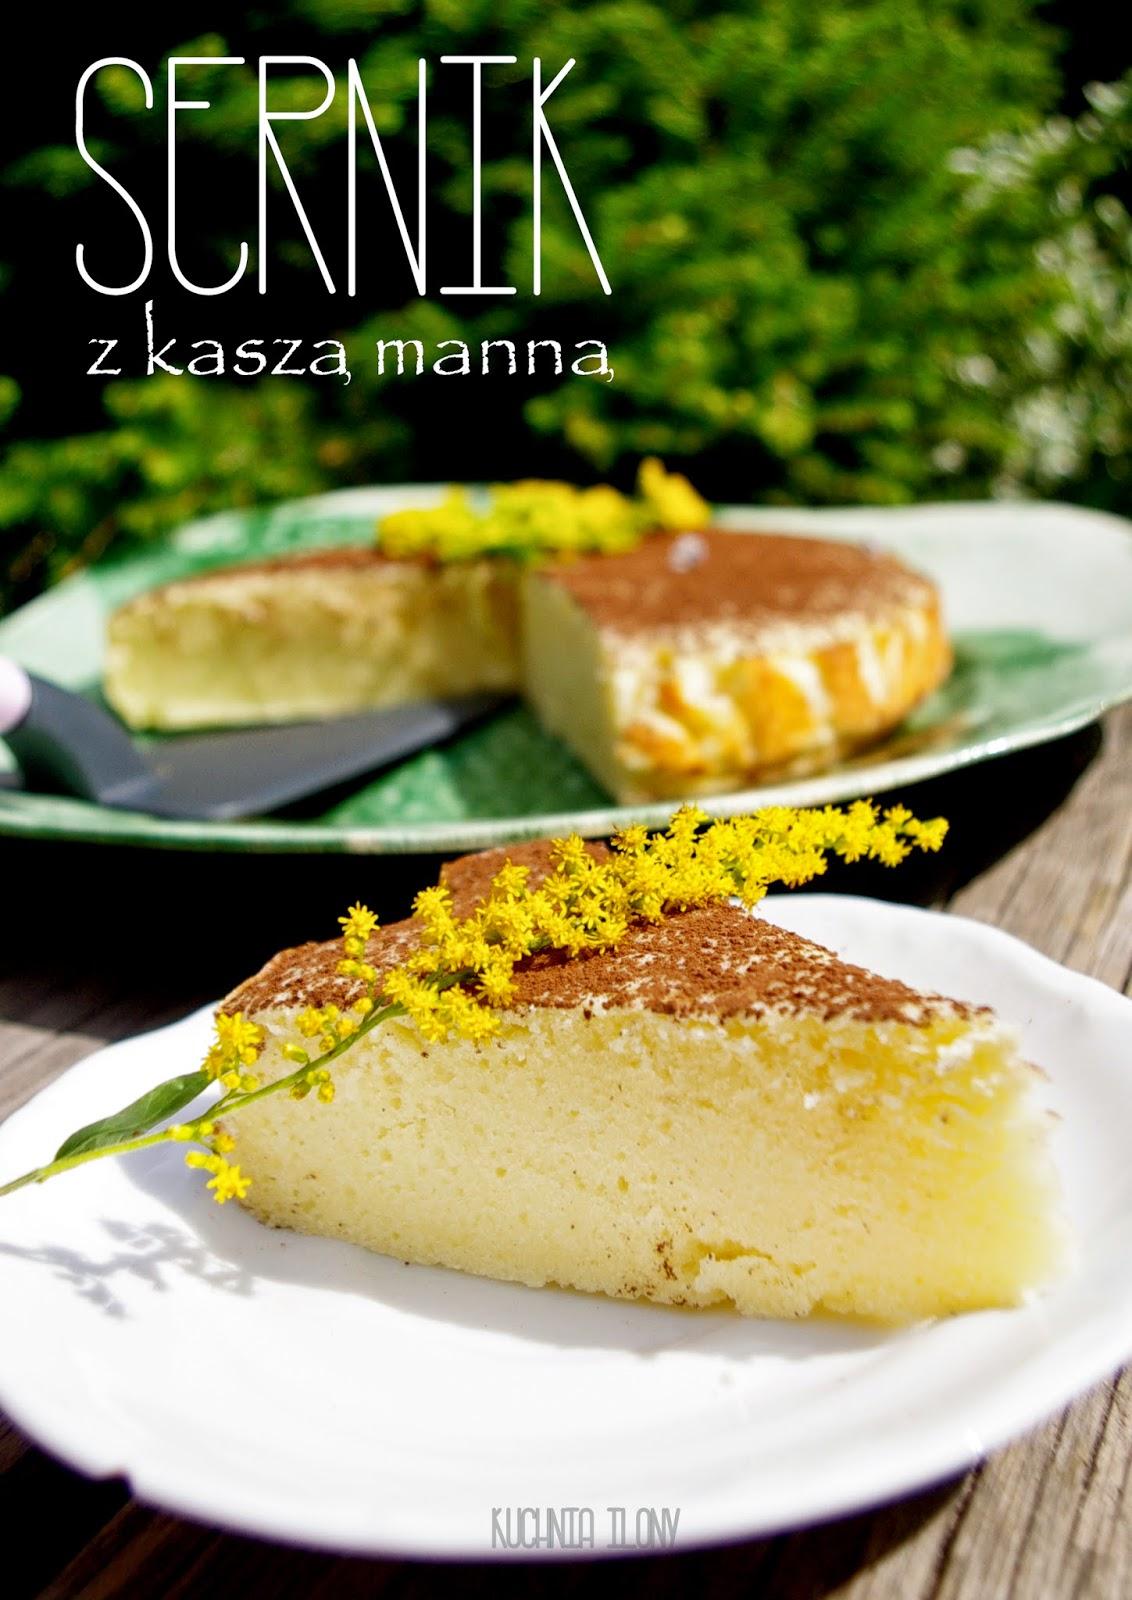 sernik z kaszą manną, sernik, ciasto, sernik pieczony, deser, kasza manna